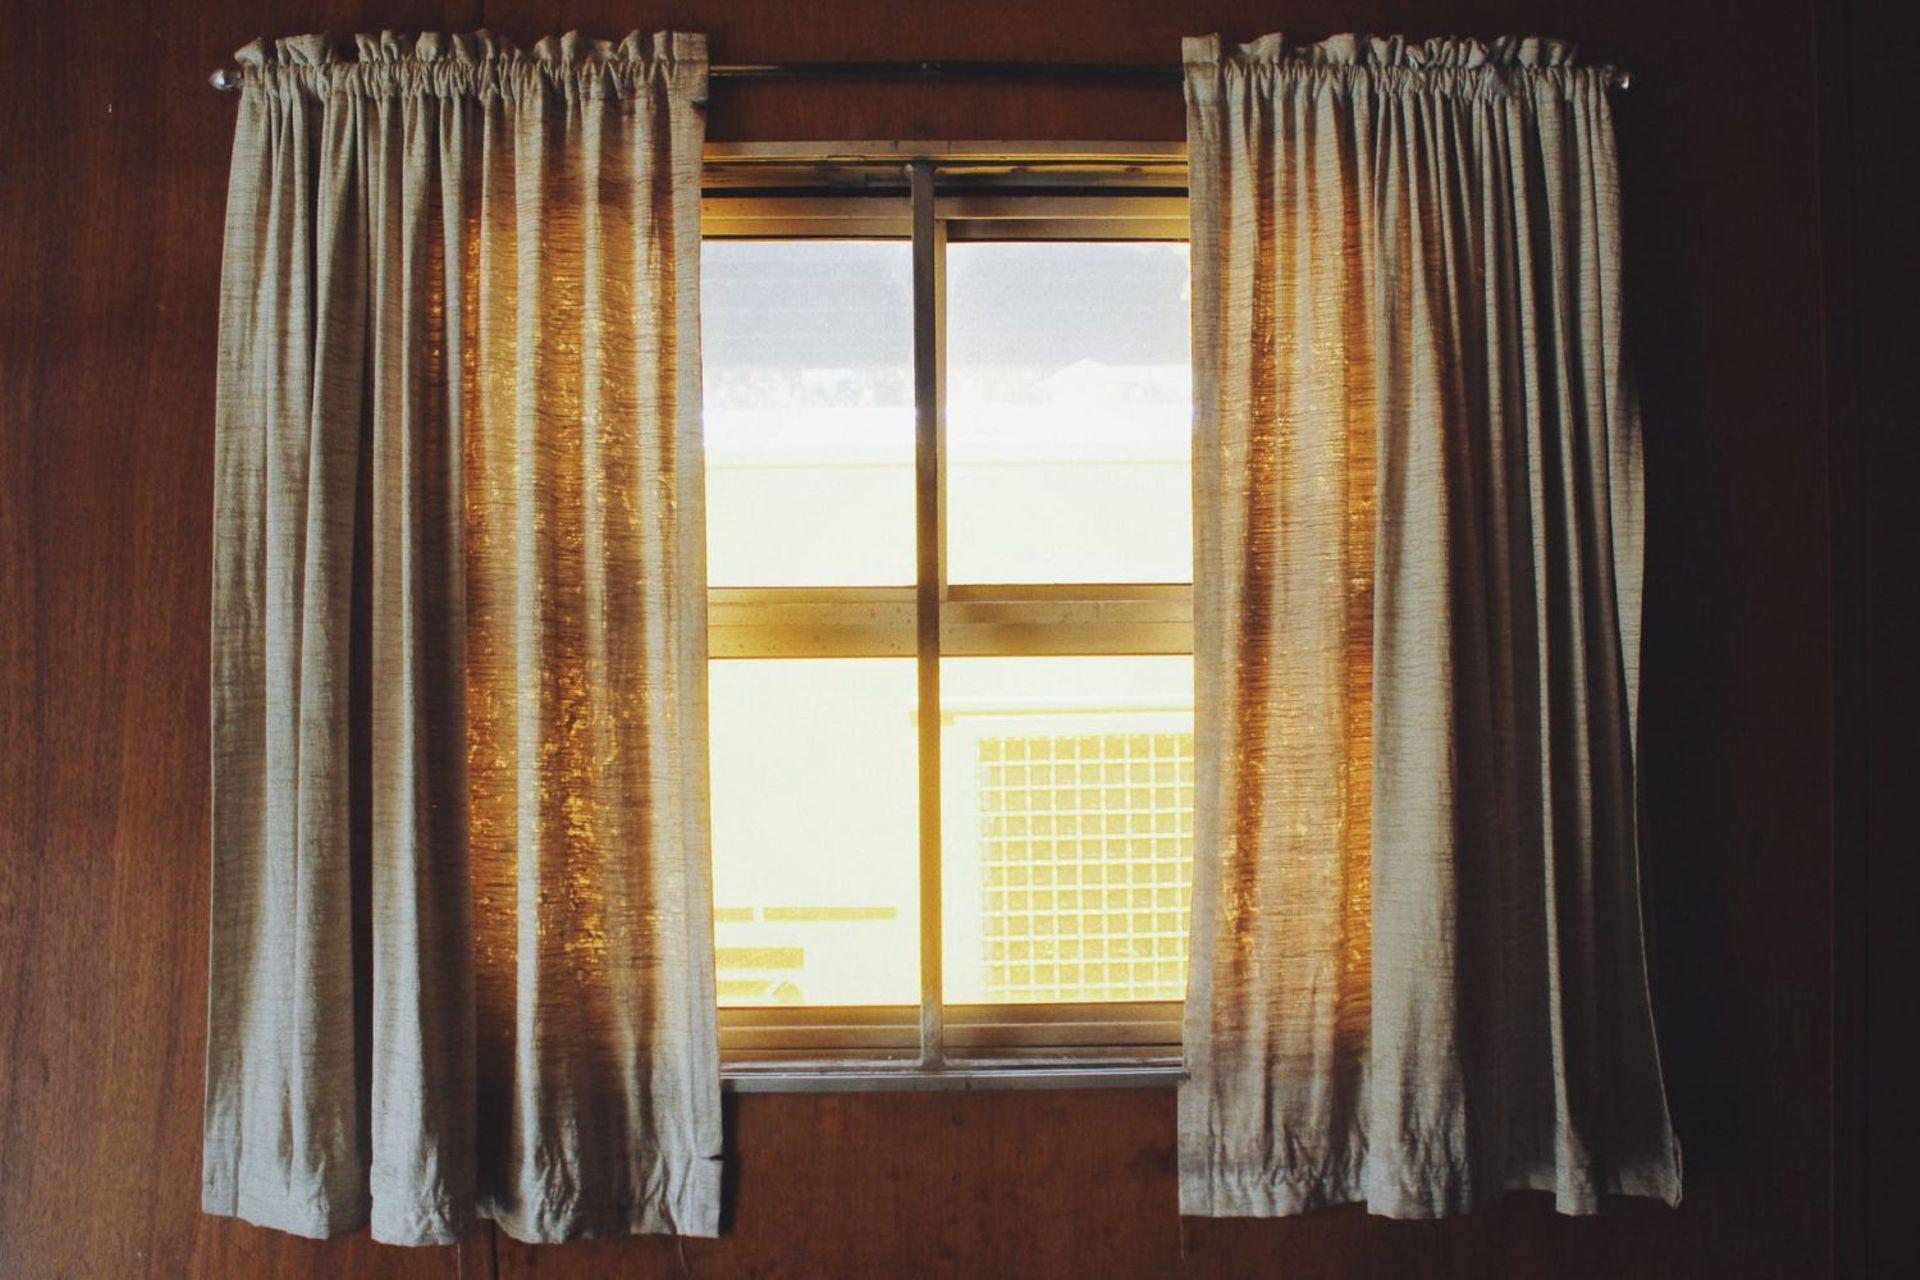 Karnisze i szyny sufitowe – 4 możliwości zawieszenia zasłon w naszym domu